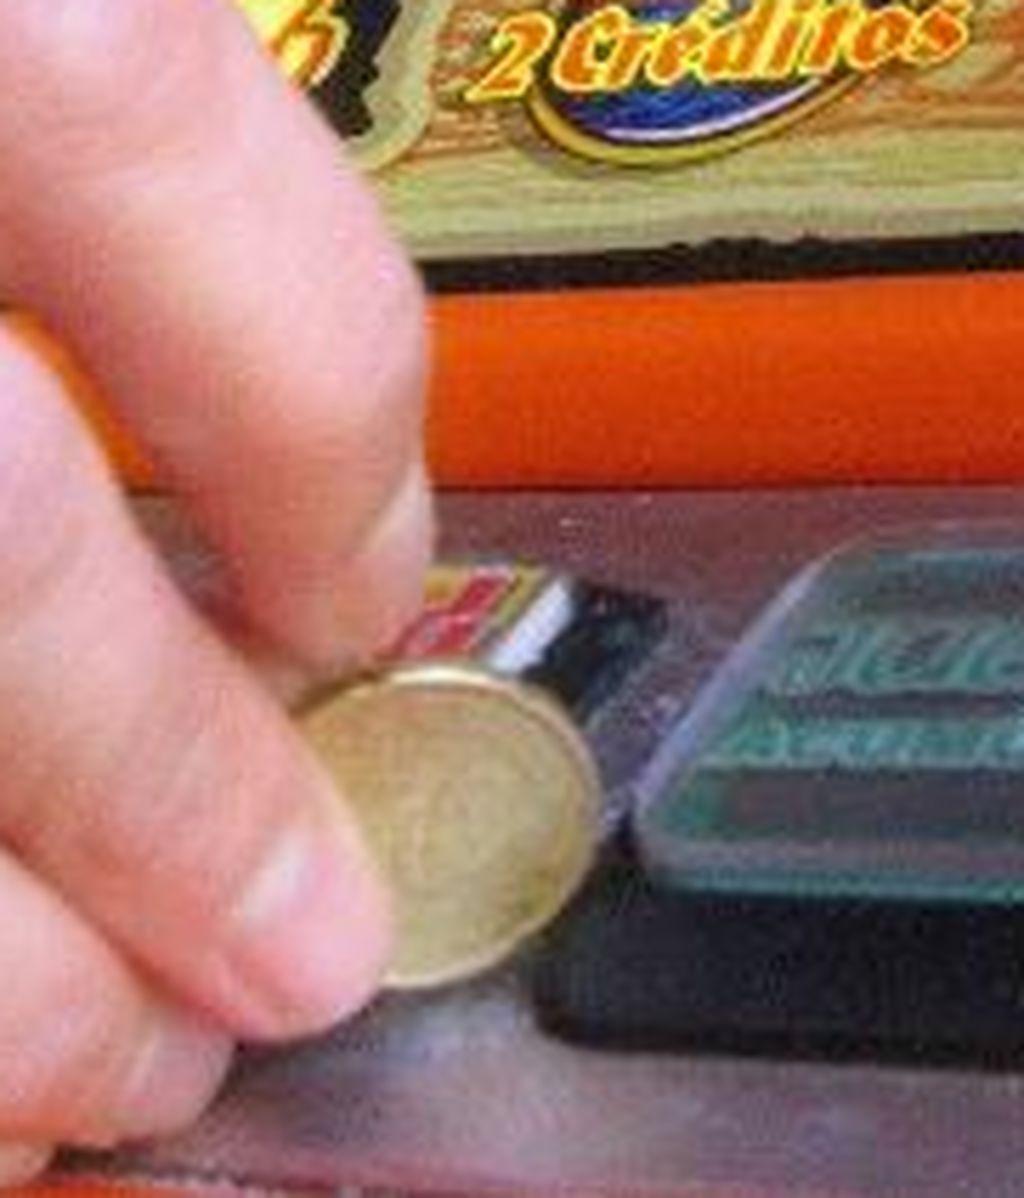 El 'juego online' en España saca en limpio 167 millones de euros con las apuestas en cabeza